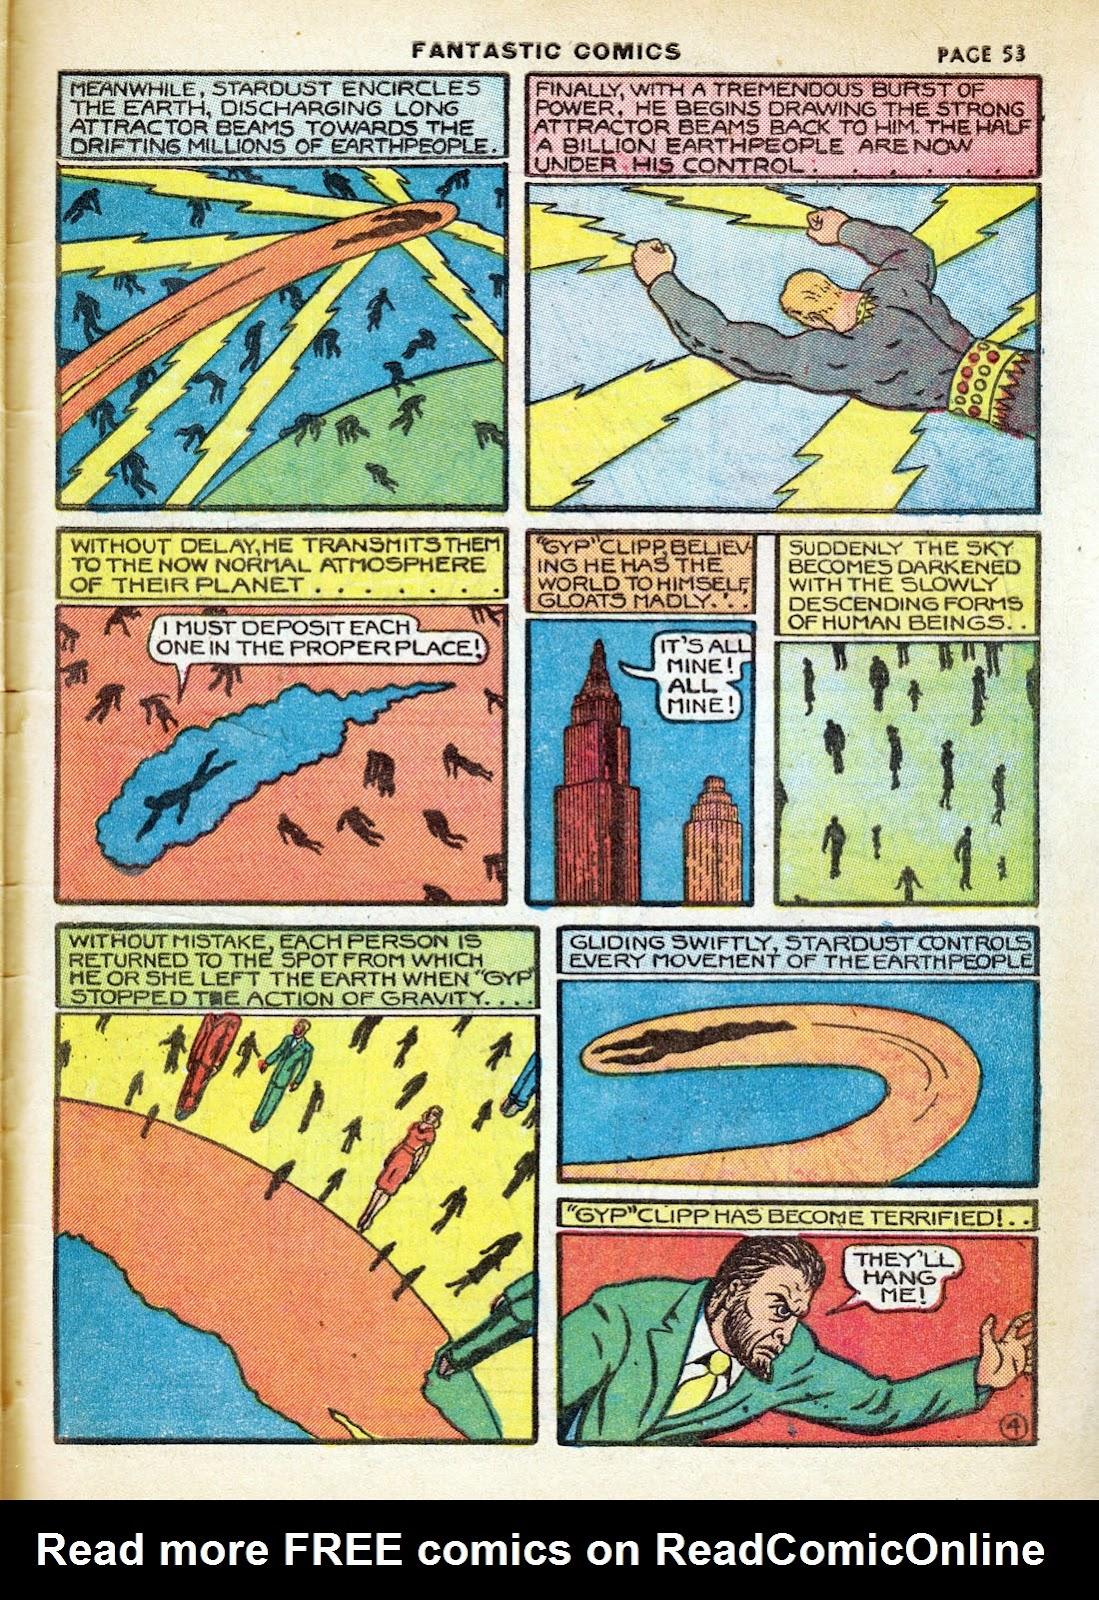 Read online Fantastic Comics comic -  Issue #7 - 55